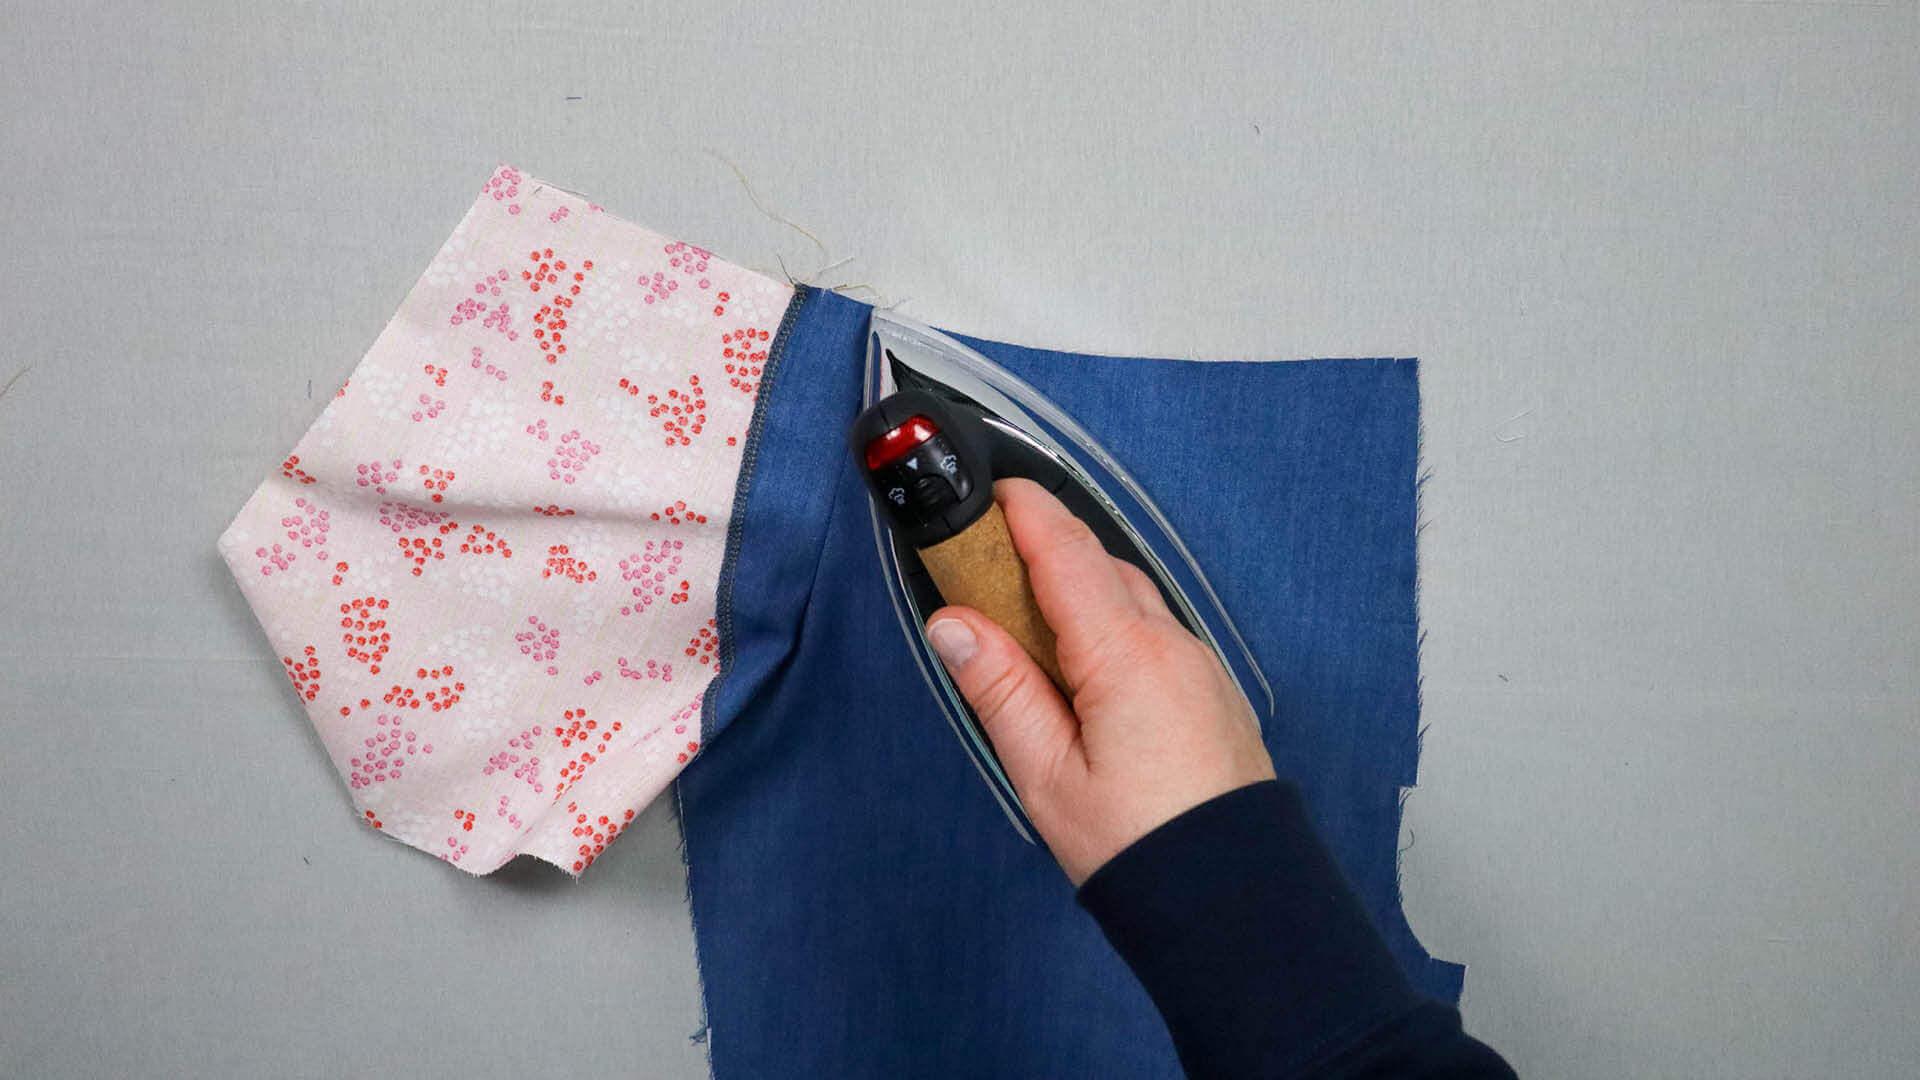 Tascheneingriff überbügeln